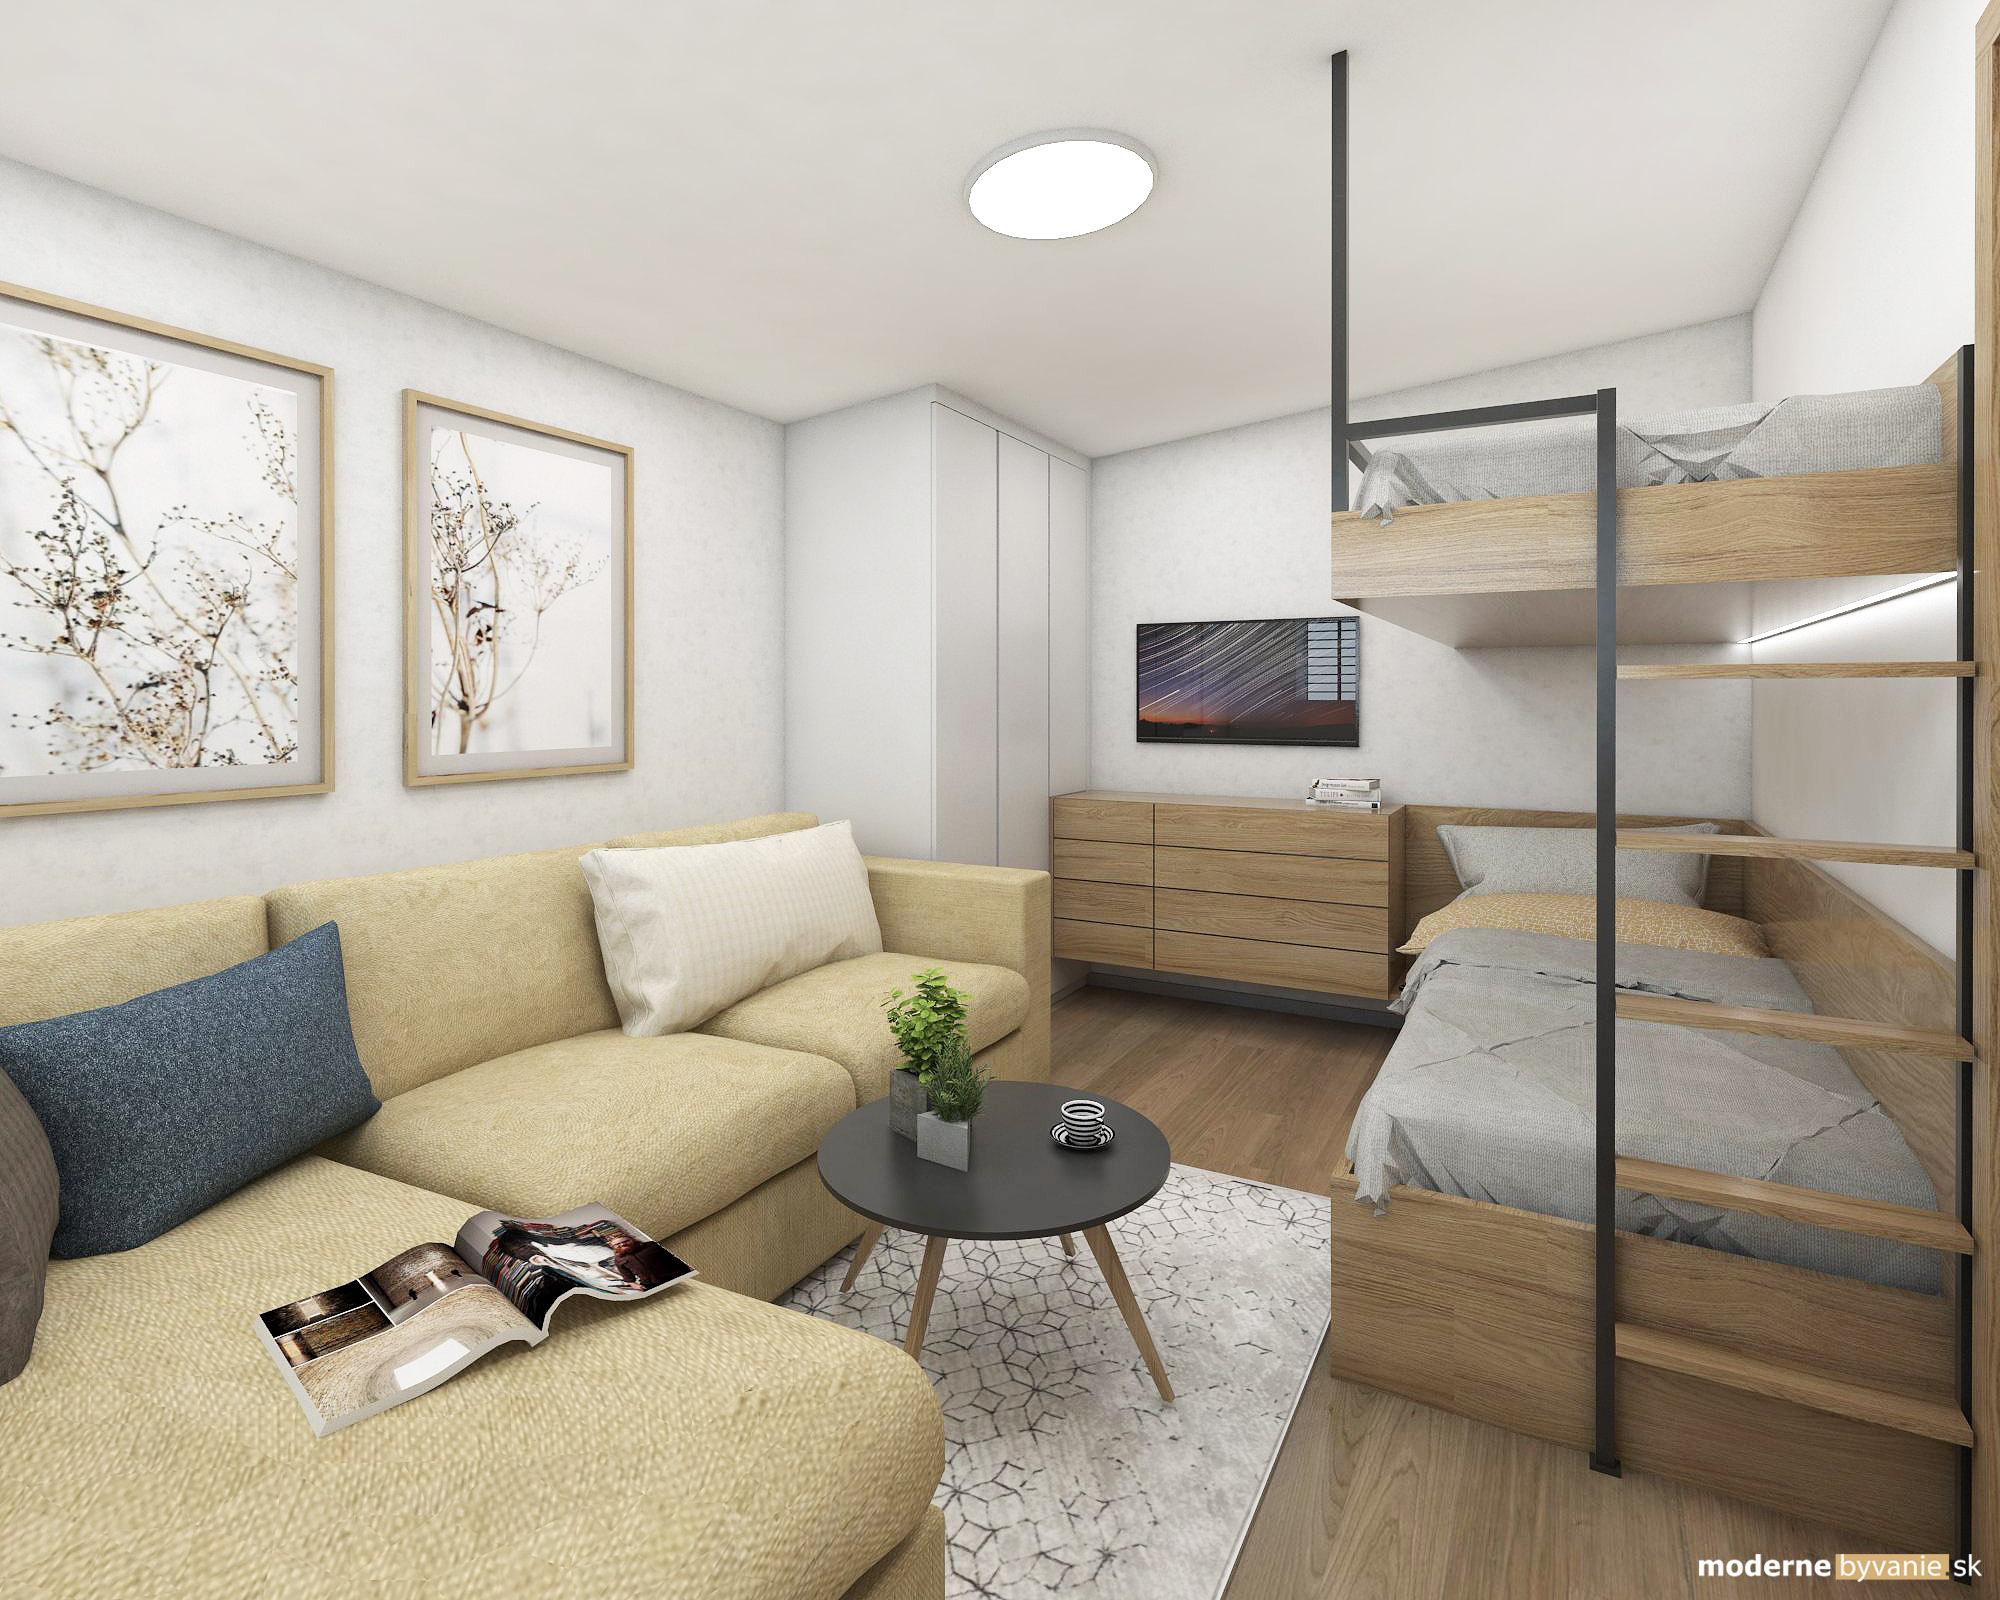 Návrh interiéru - Spálňa - Dobrý interiérový architekt aj záhradný domček navrhne